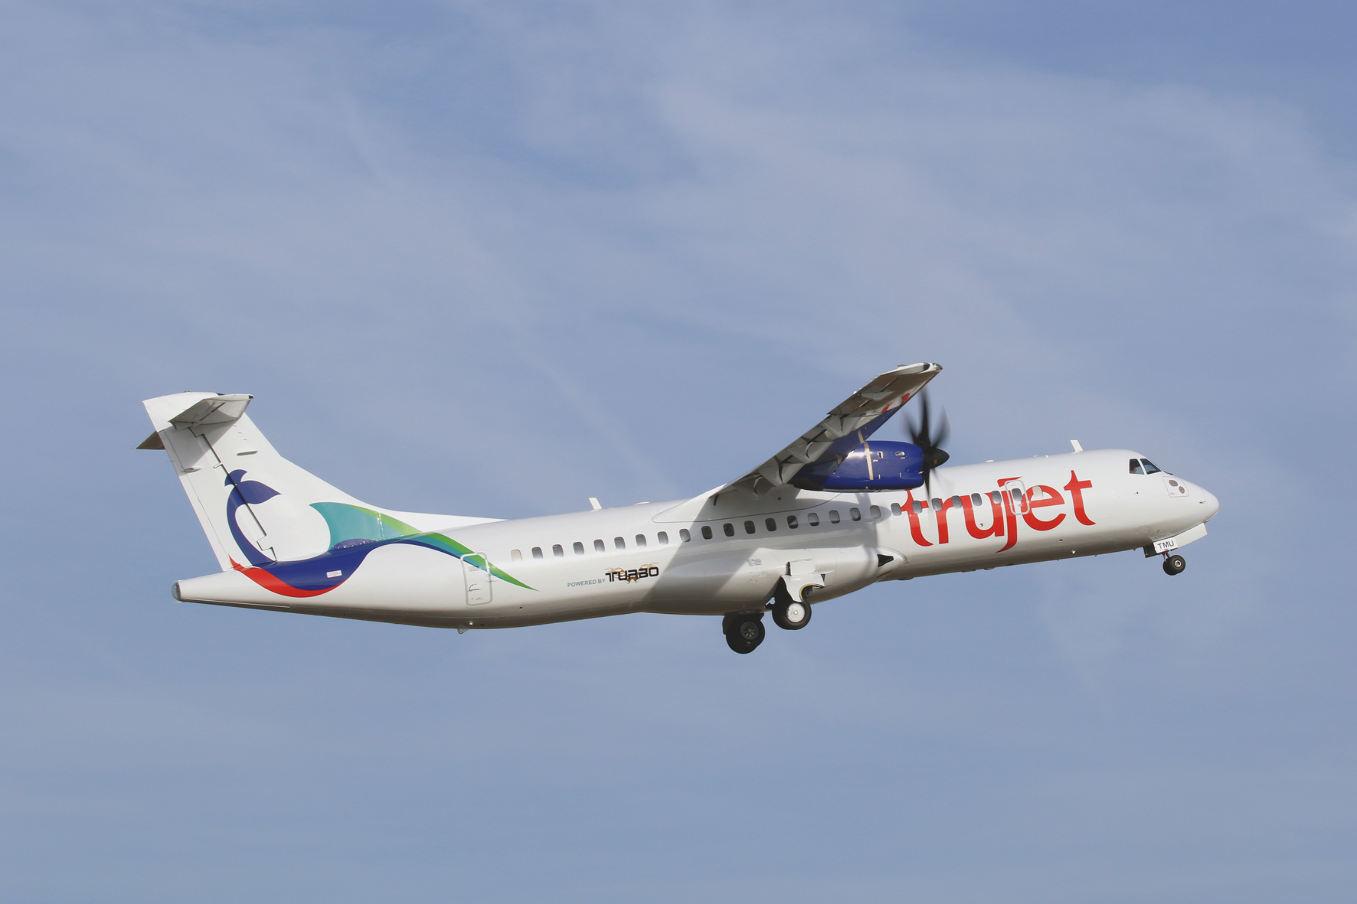 L'indienne Trujet se met à l'ATR 72-600